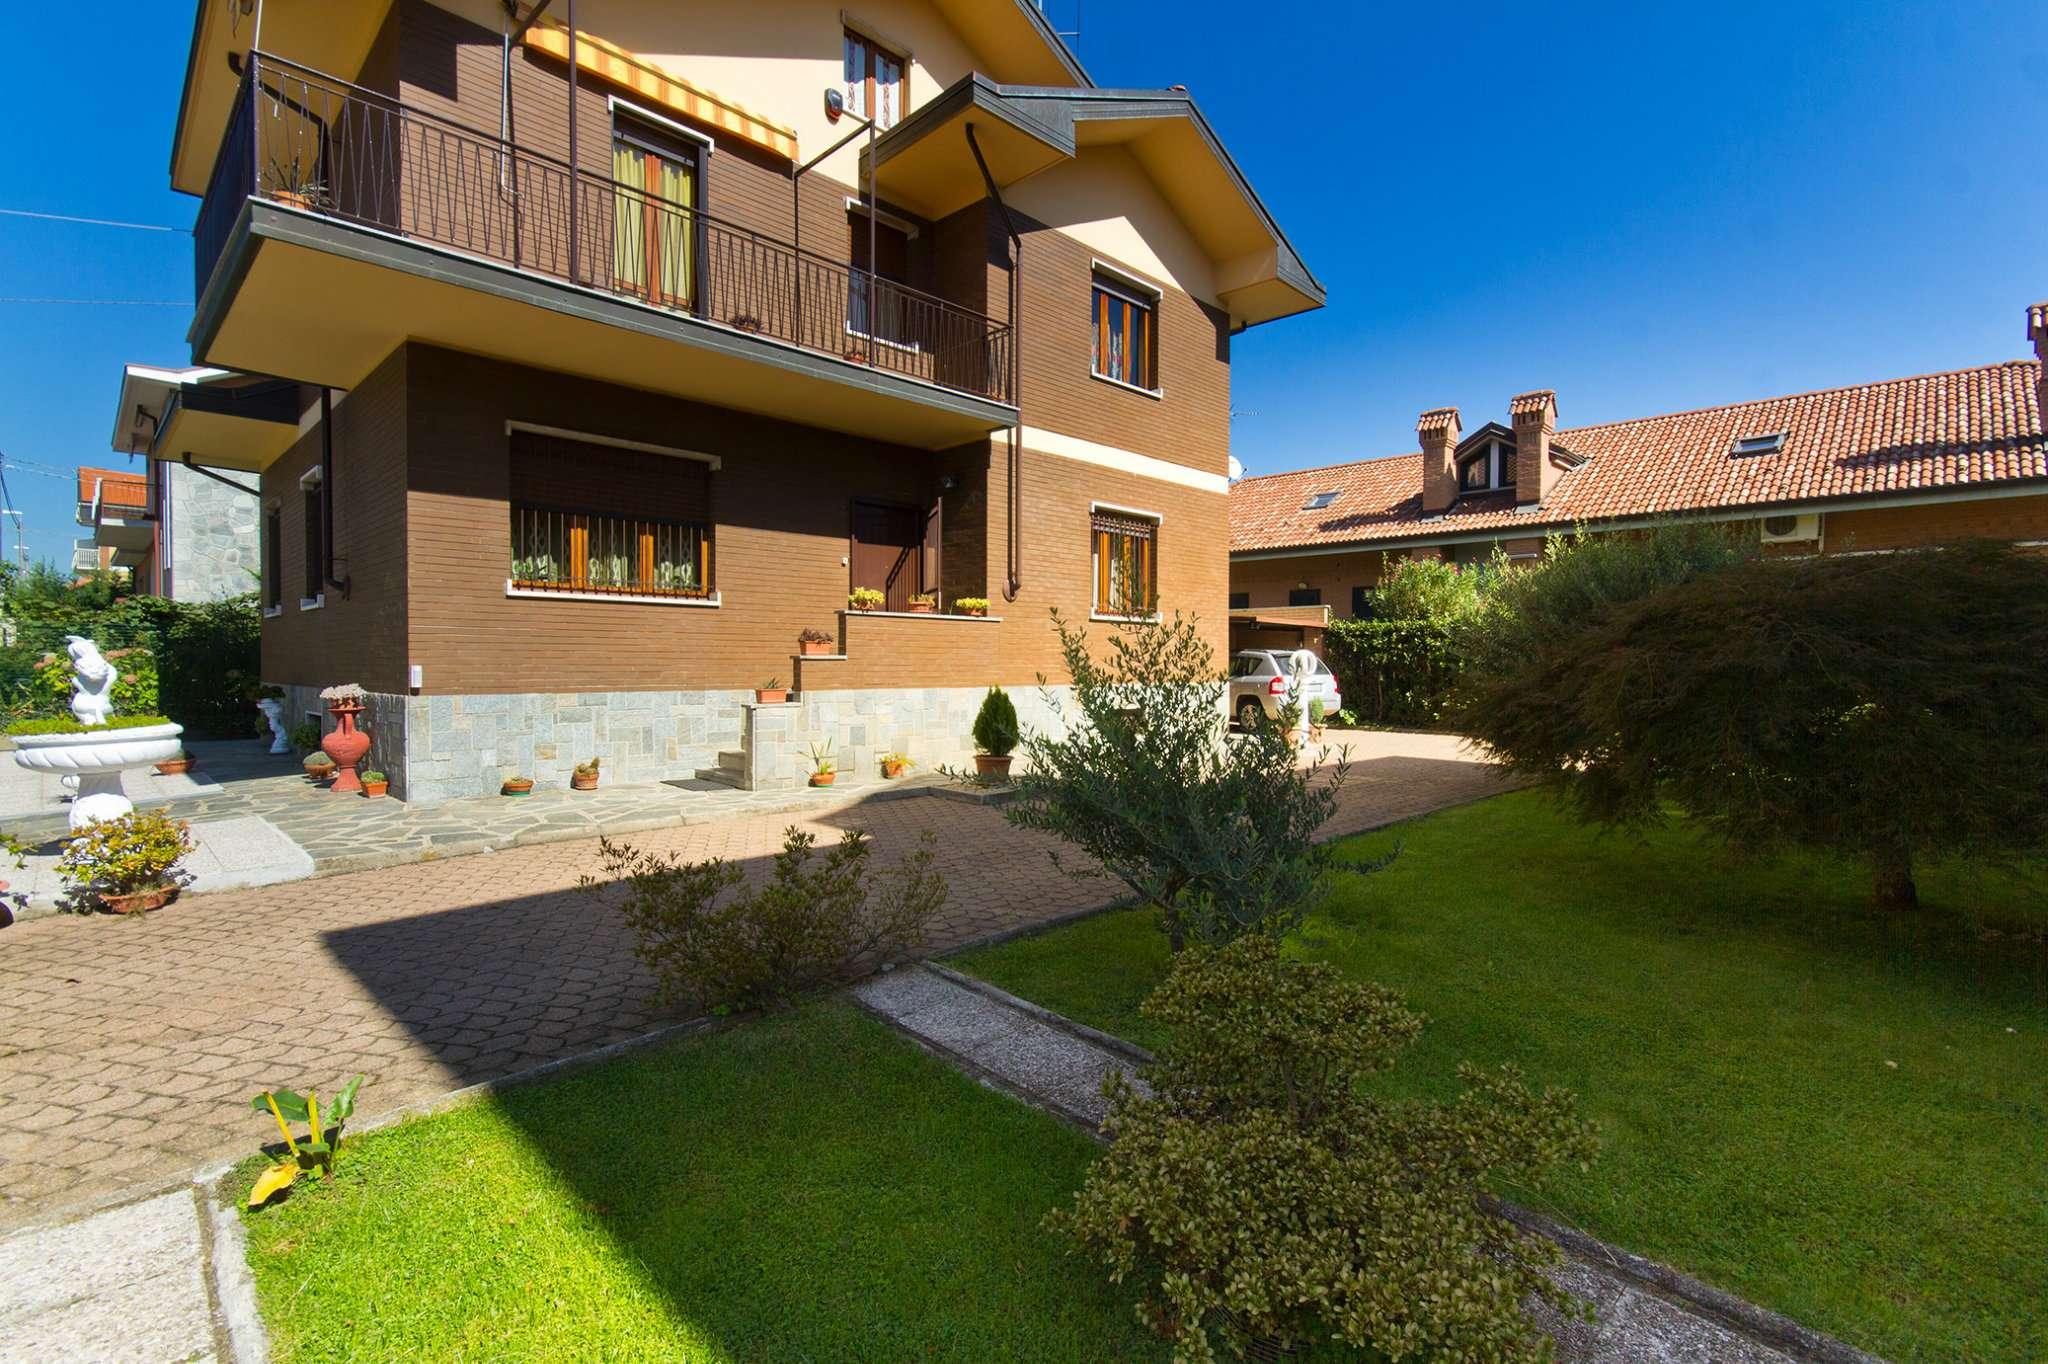 Villa Bifamiliare in vendita a Pianezza, 8 locali, prezzo € 399.000 | CambioCasa.it